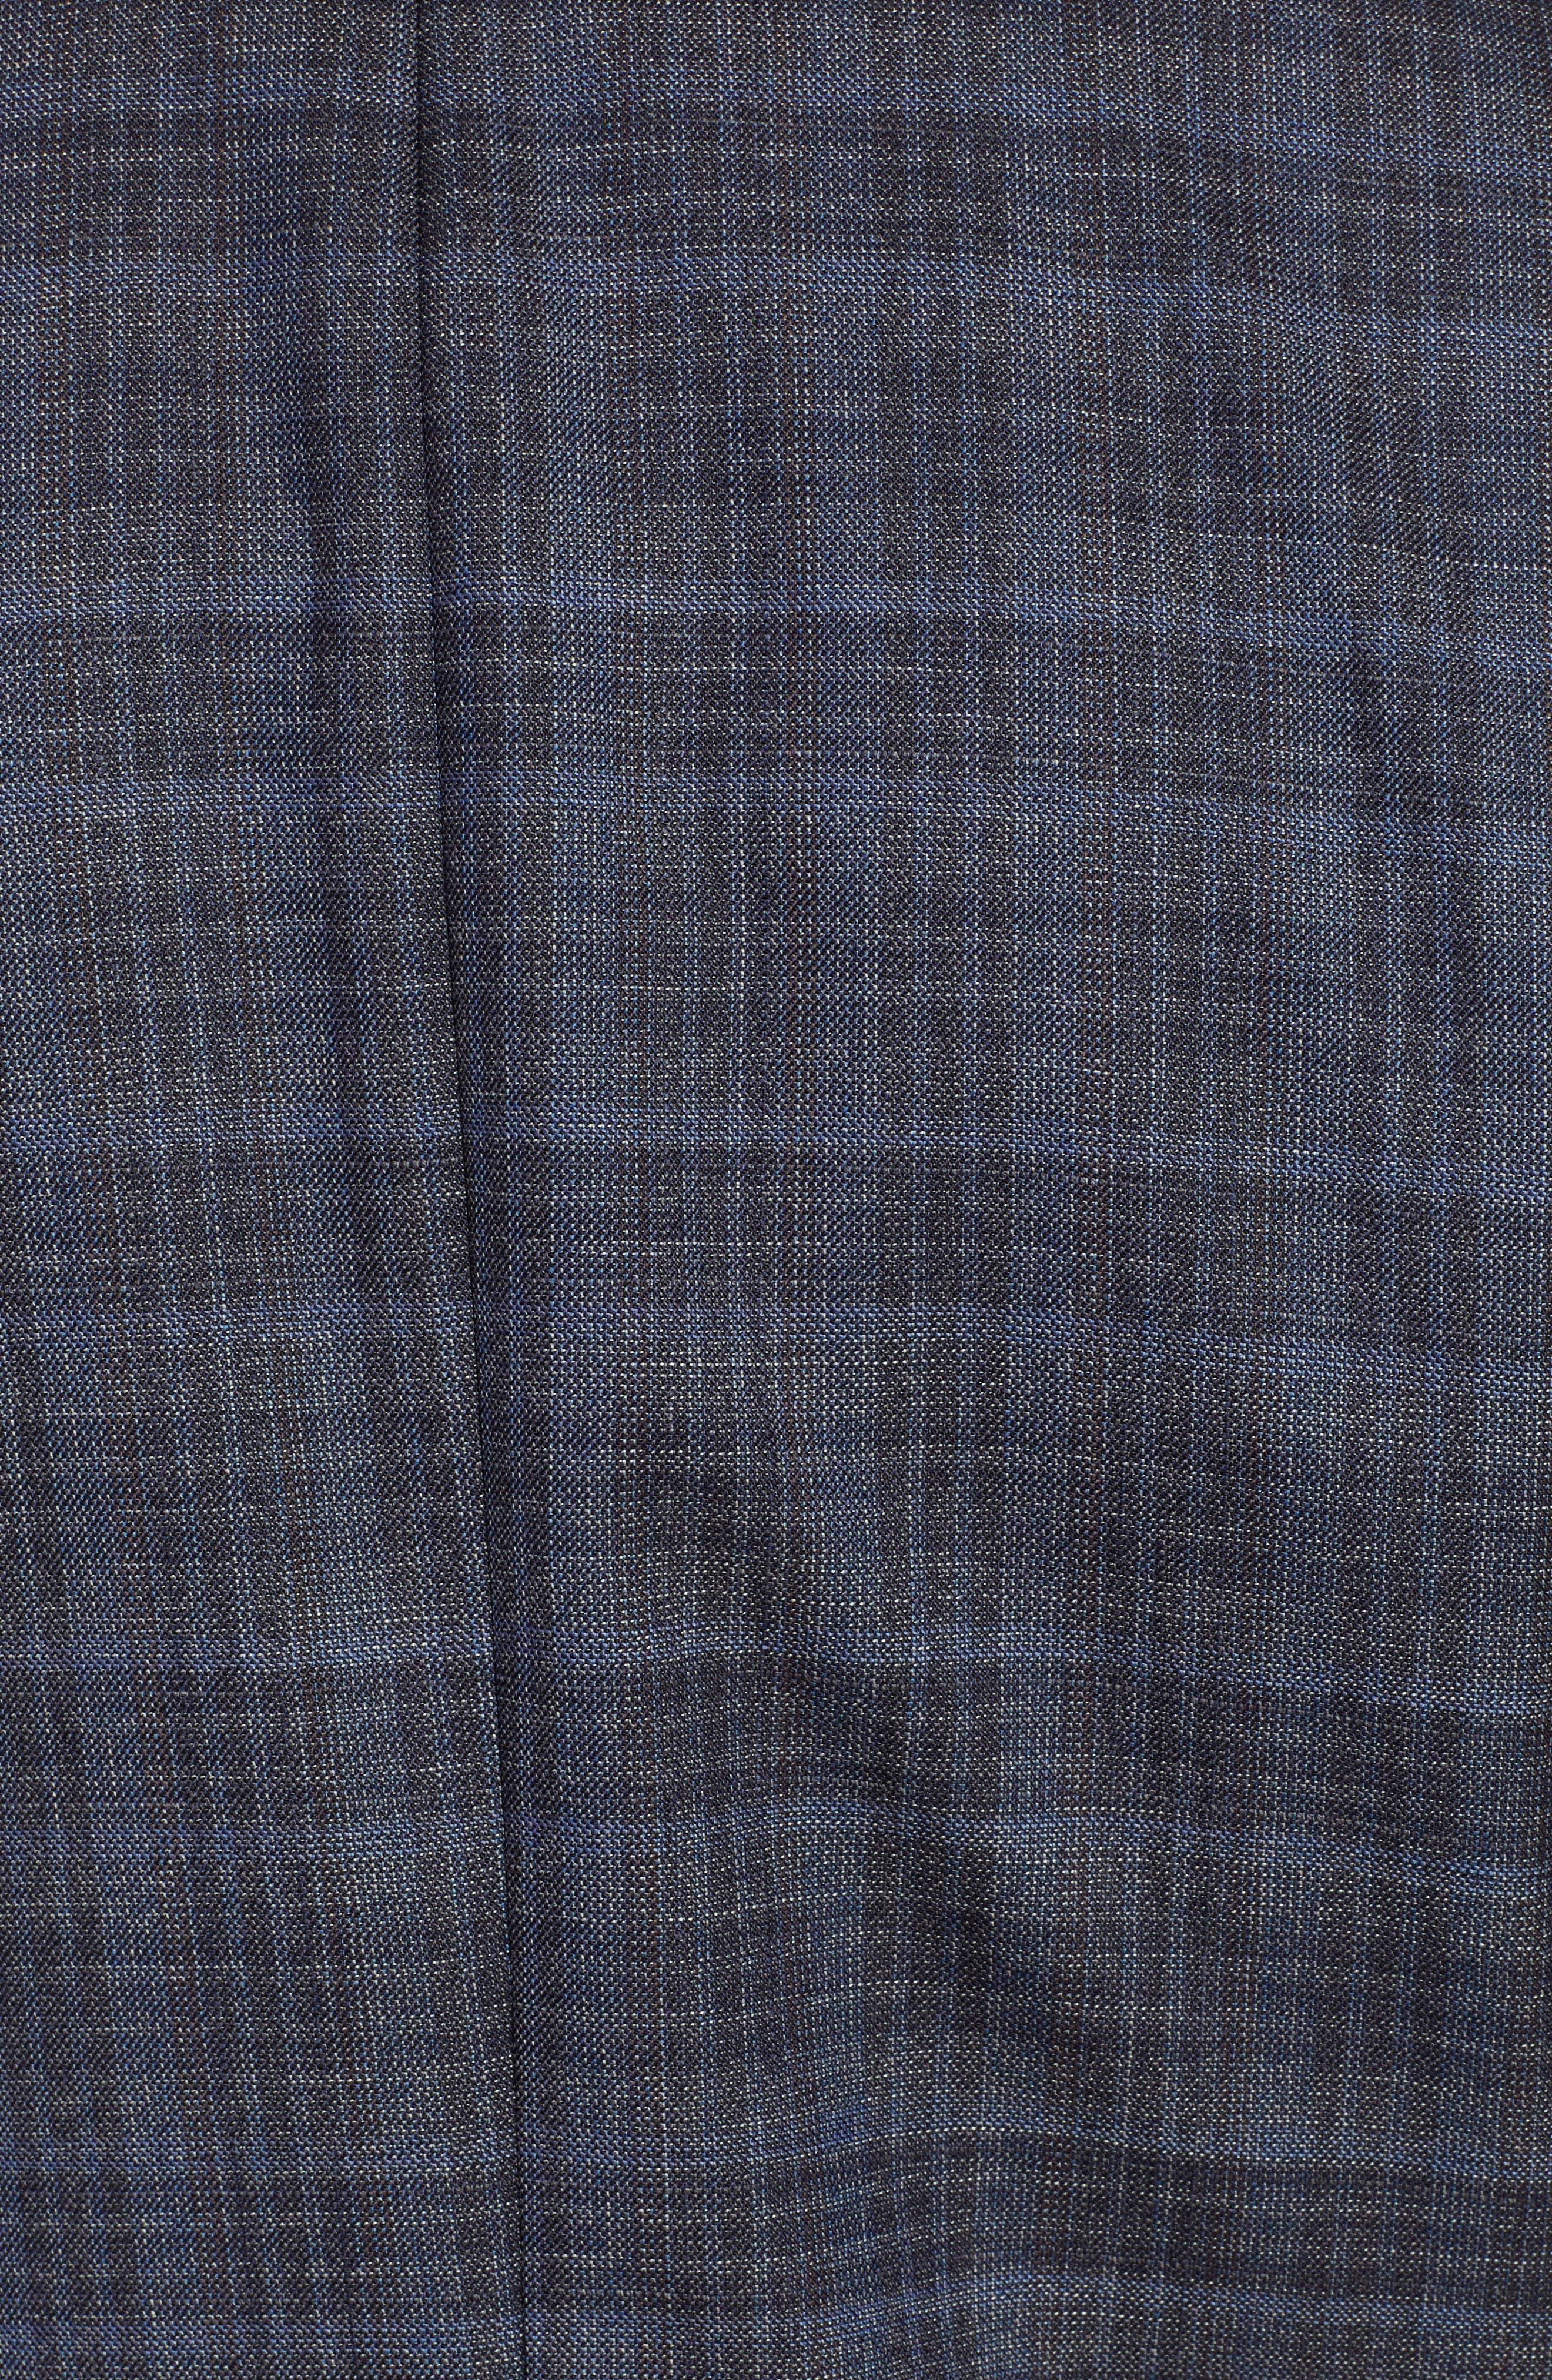 Slim Fit Unconstructed Plaid Sport Coat,                             Alternate thumbnail 6, color,                             GREY PLAID